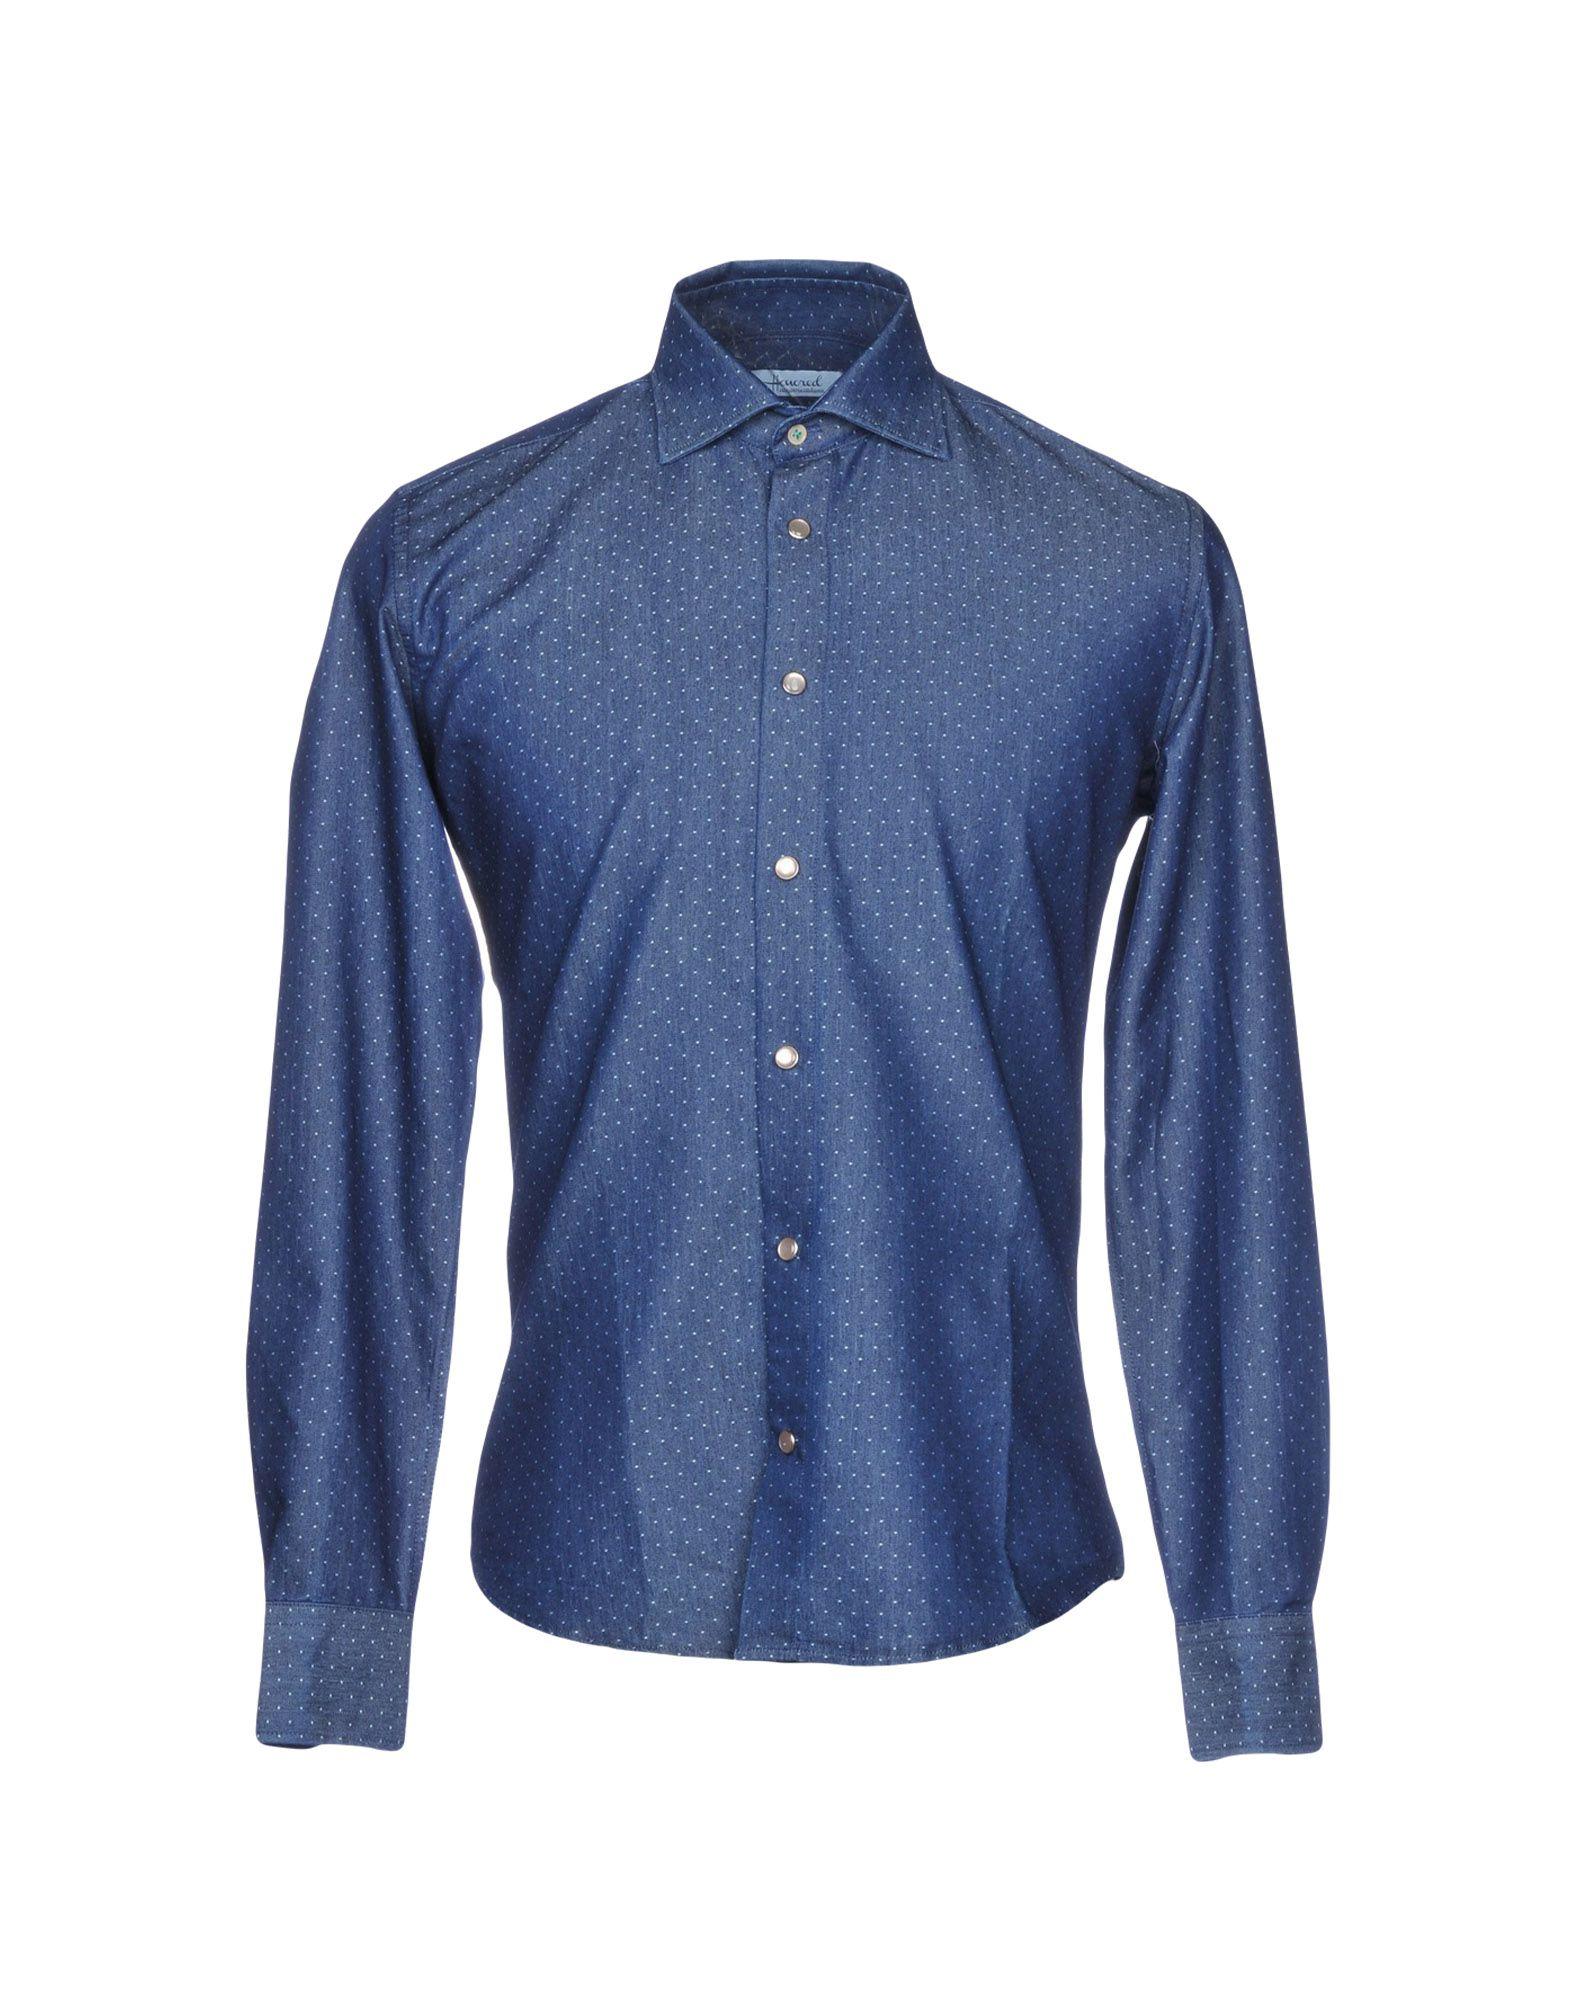 HONORED Джинсовая рубашка рубашка в мелкий горошек